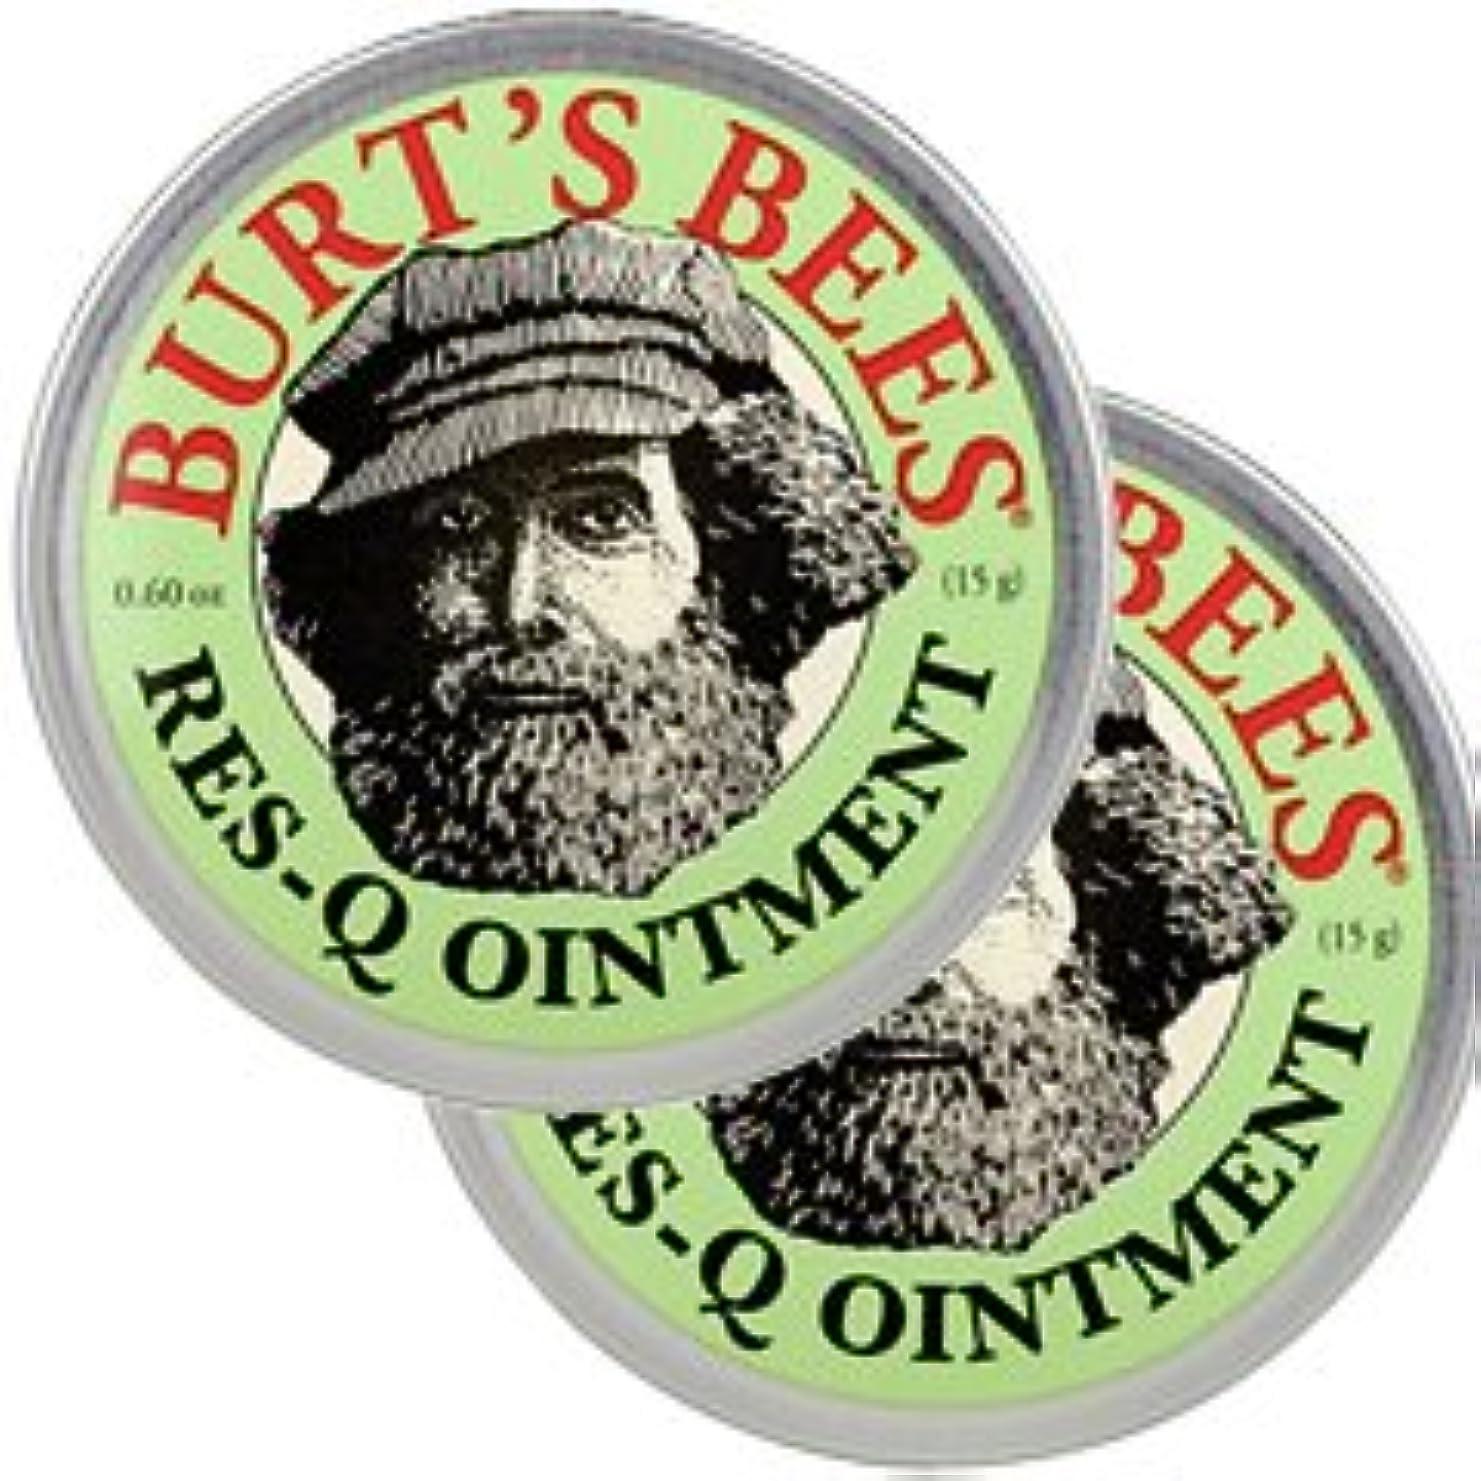 文明紳士精巧なバーツビーズ(Burt's Bees)レスキュー オイントメント 17g 2個セット[並行輸入品][海外直送品]